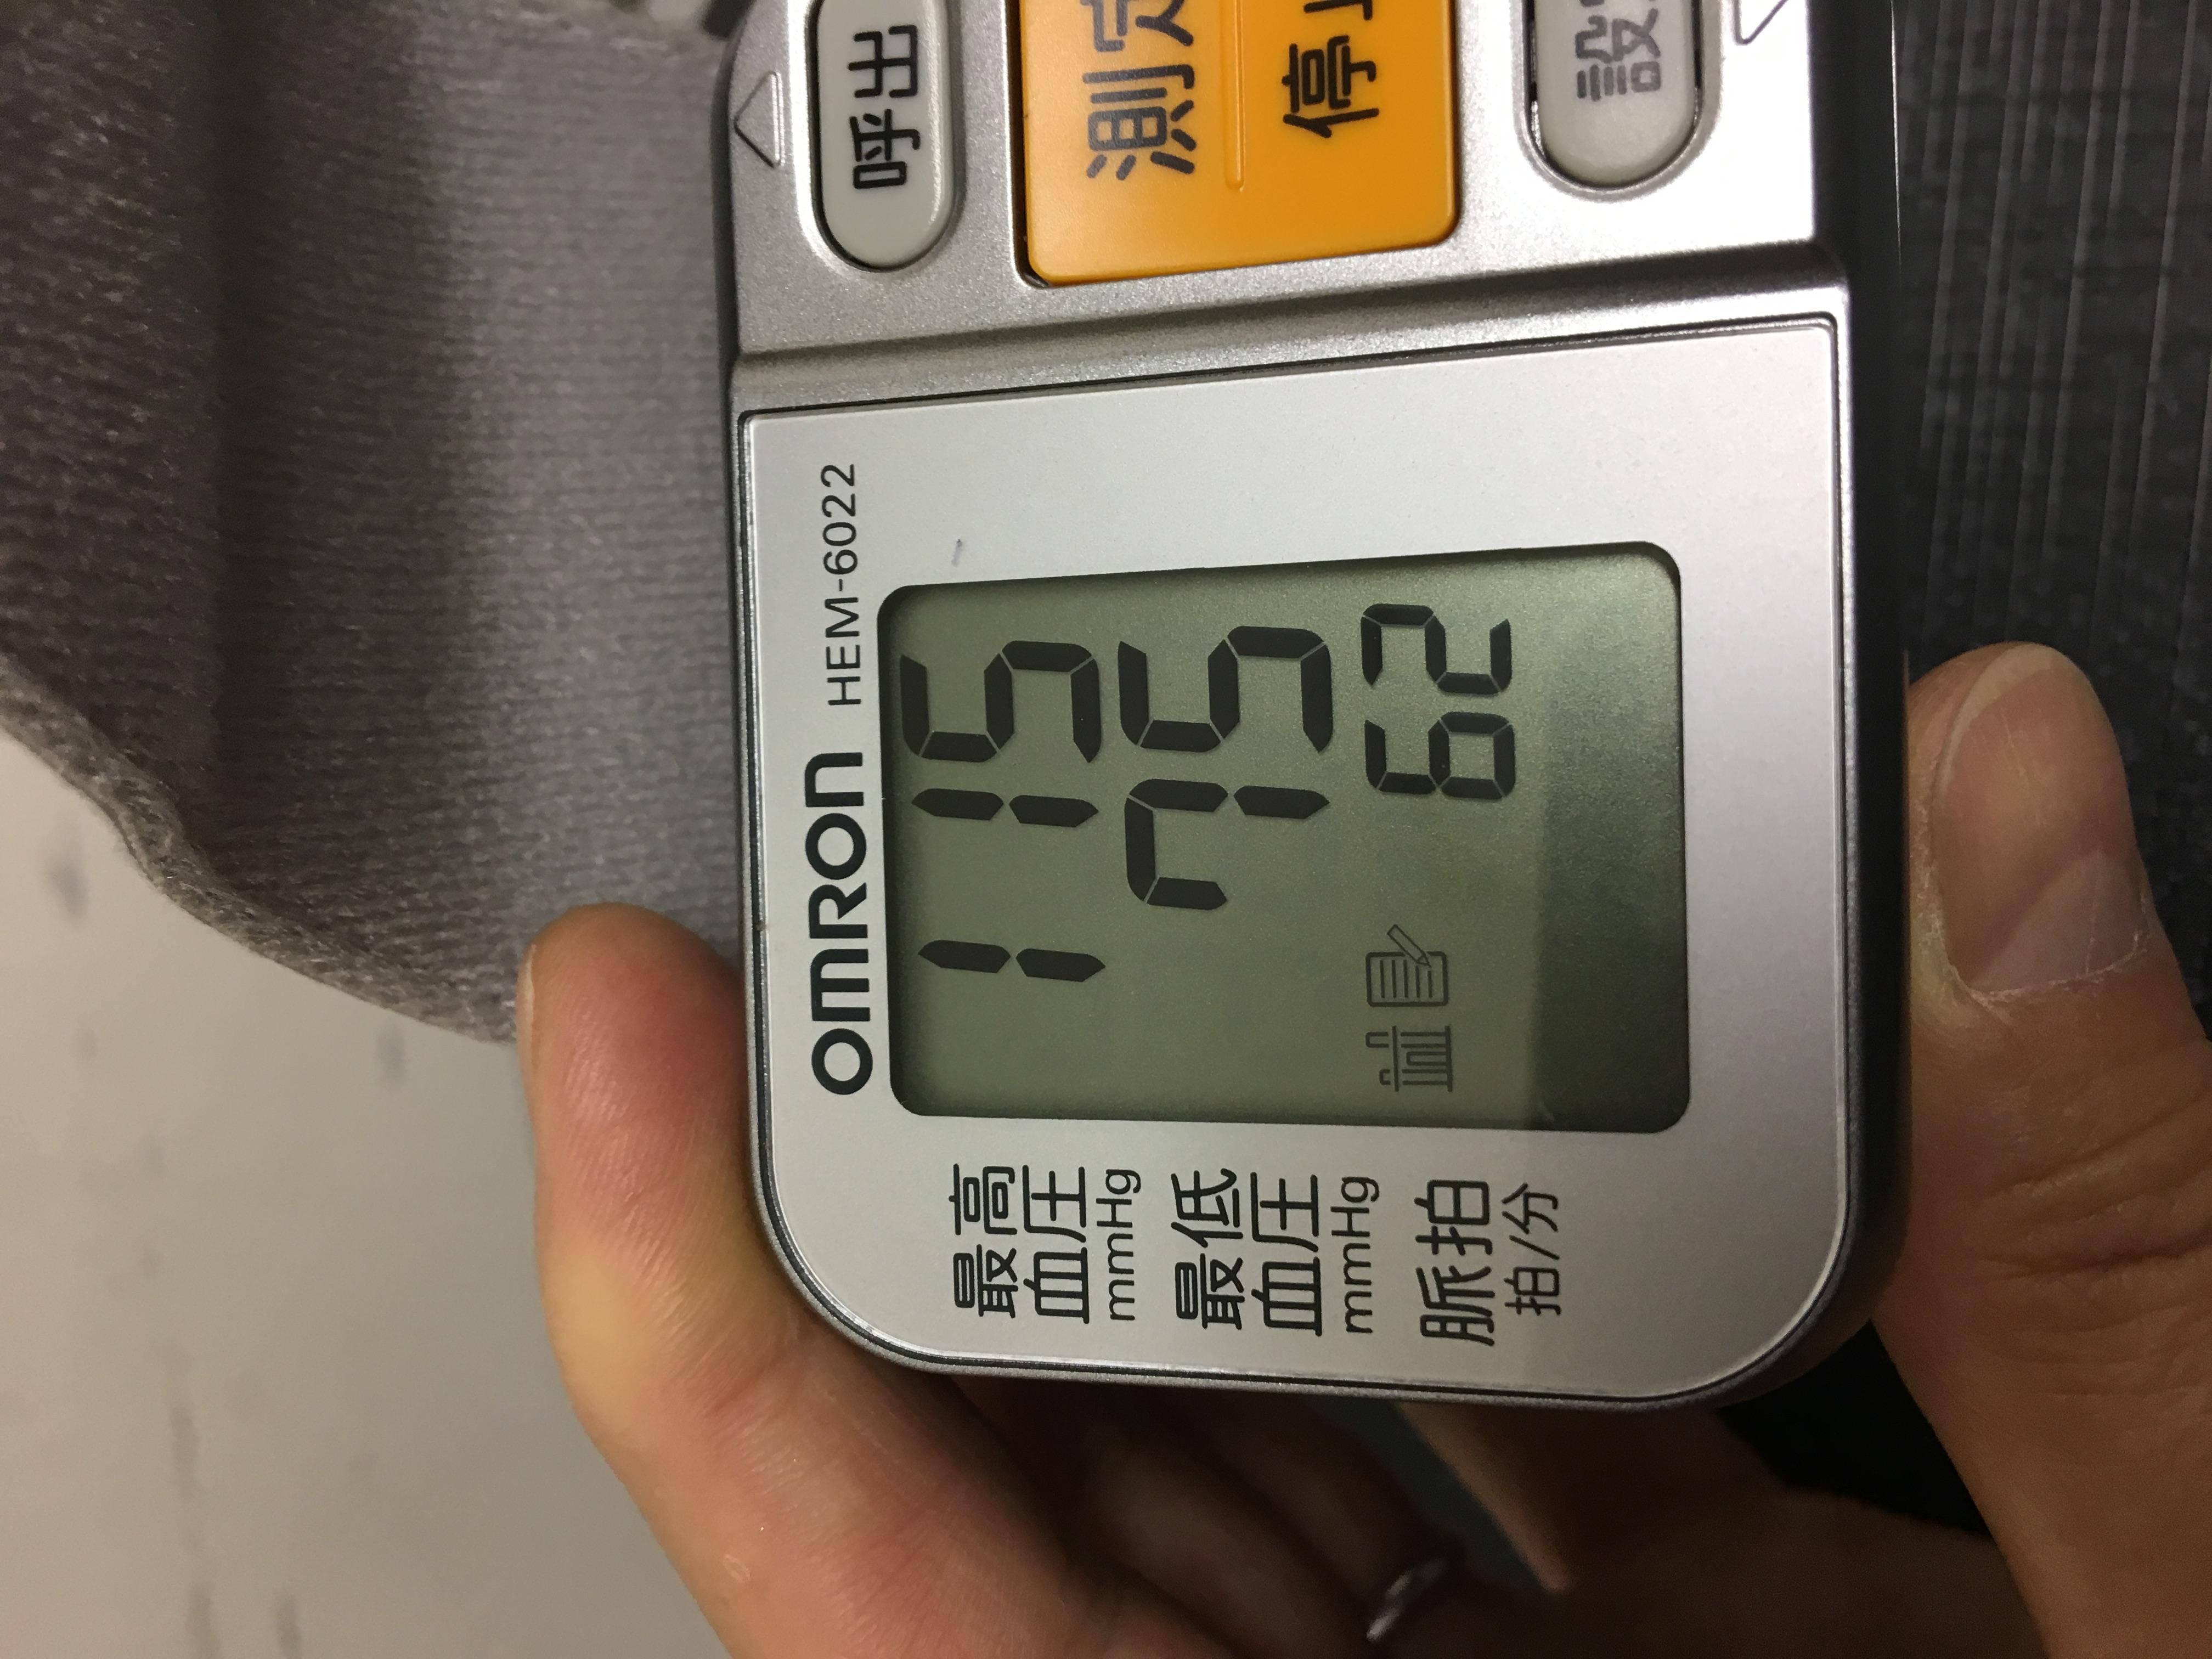 大阪府富田林市Tさんは1ヶ月約5kg痩せられて高血圧が改善されました。